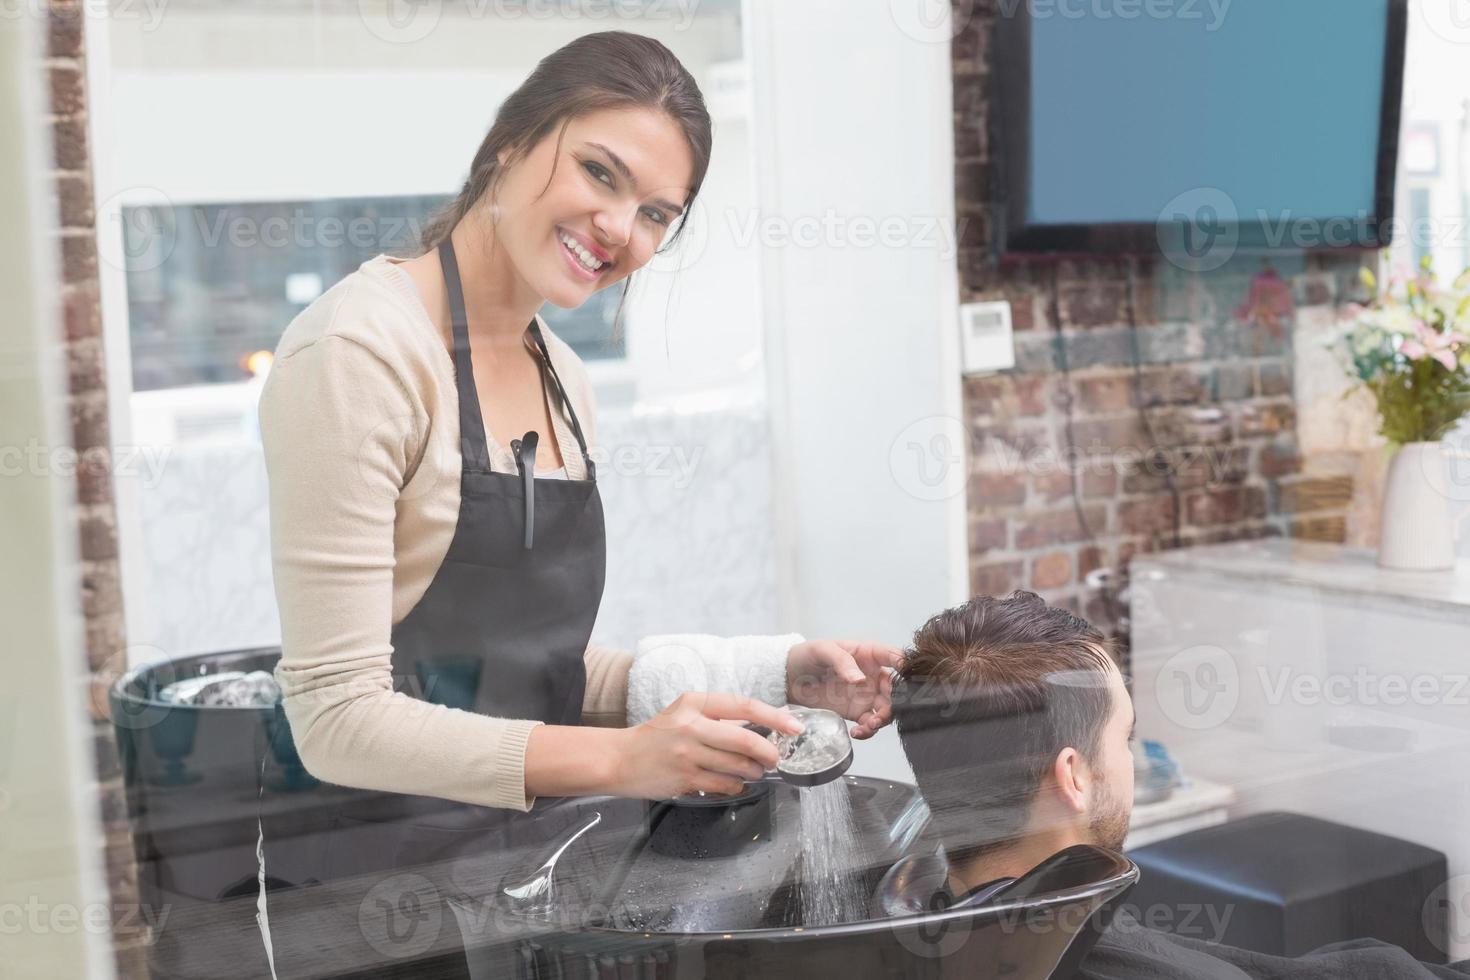 herenkapper wassen mans haar foto